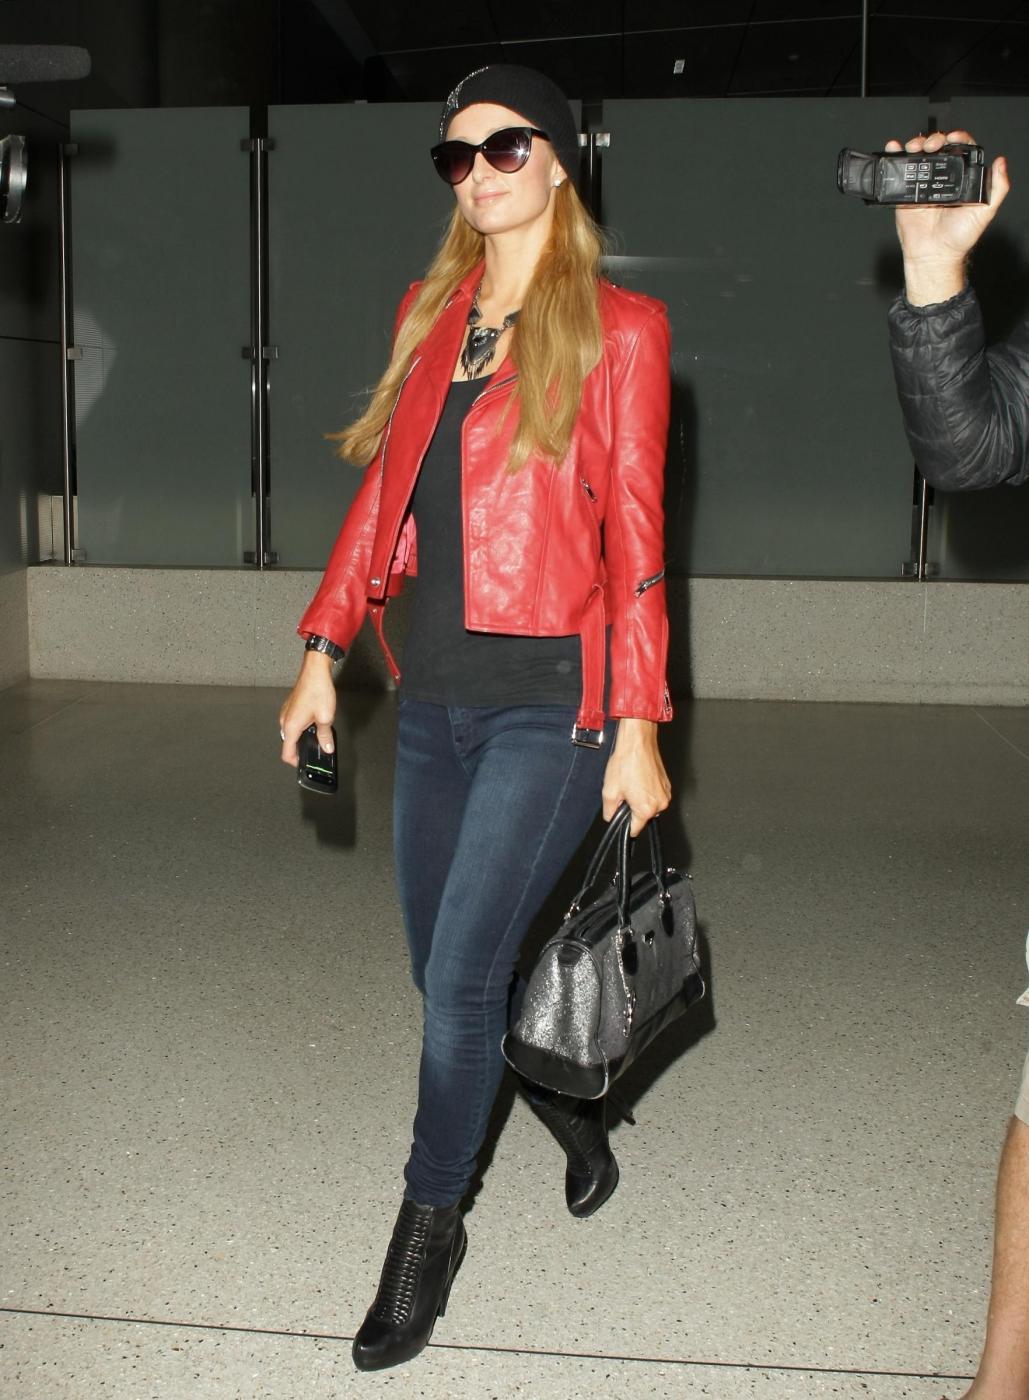 Paris Hilton in giacca di pelle rossa all'aeroporto04